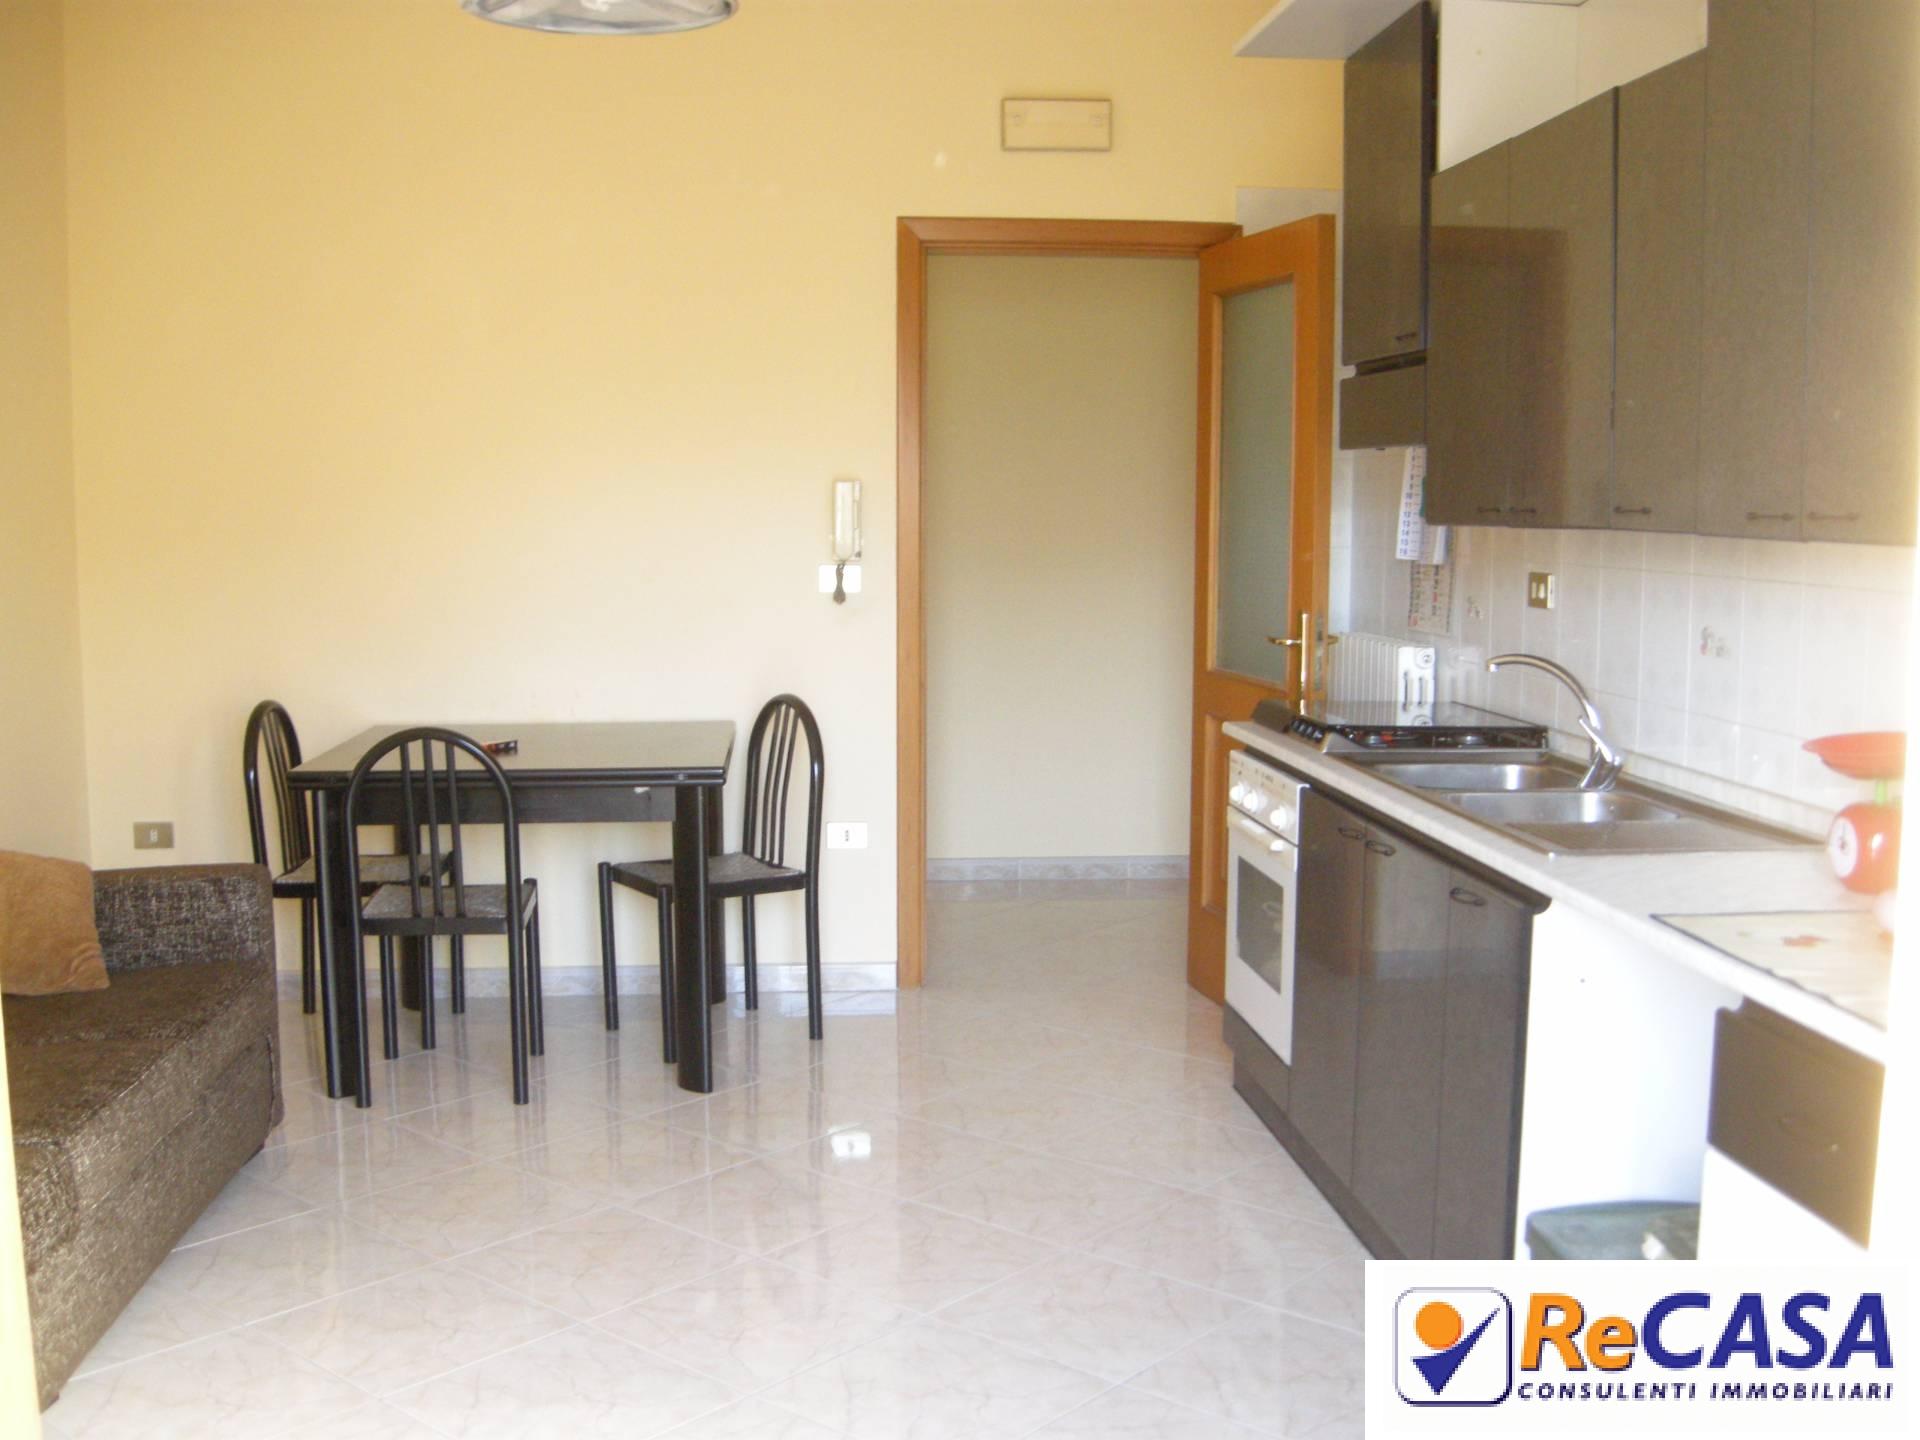 Appartamento in vendita a Montecorvino Rovella, 3 locali, zona Località: SanMartino, prezzo € 63.000 | Cambio Casa.it